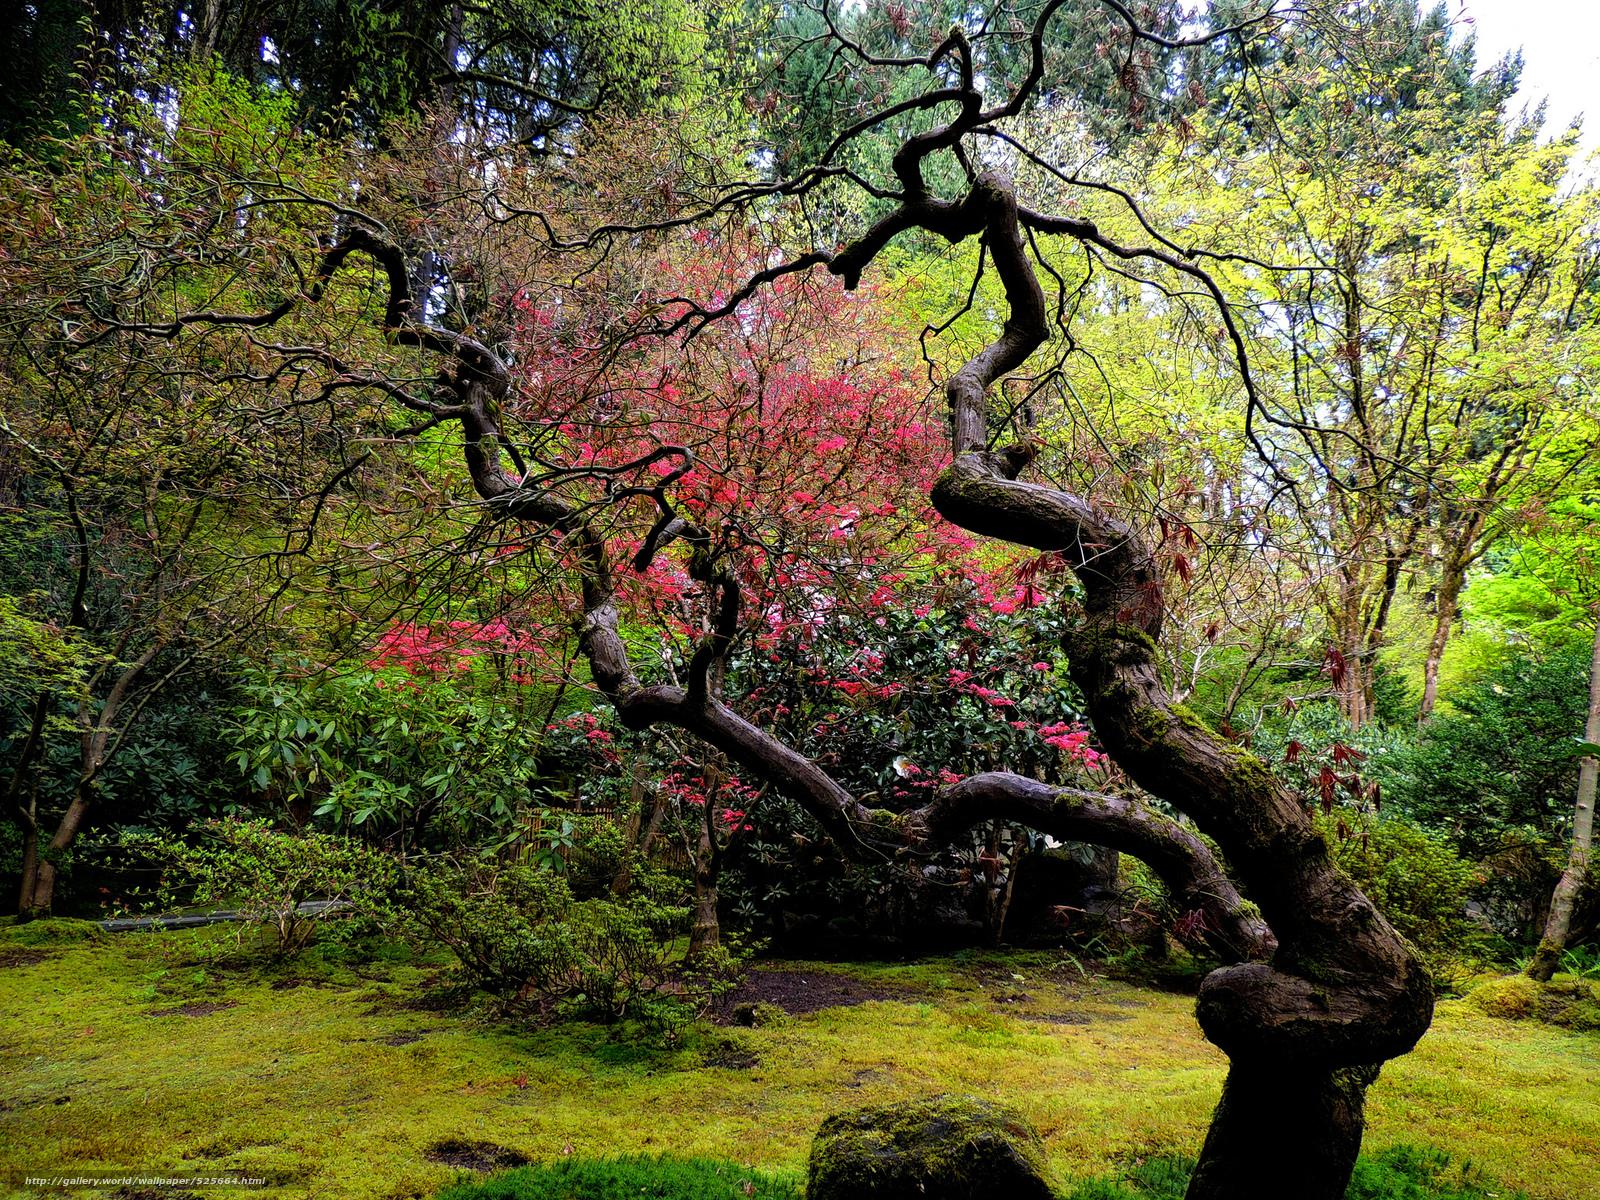 Tlcharger fond d 39 ecran jardin japonais arbre courb - Arbre pour jardin japonais ...